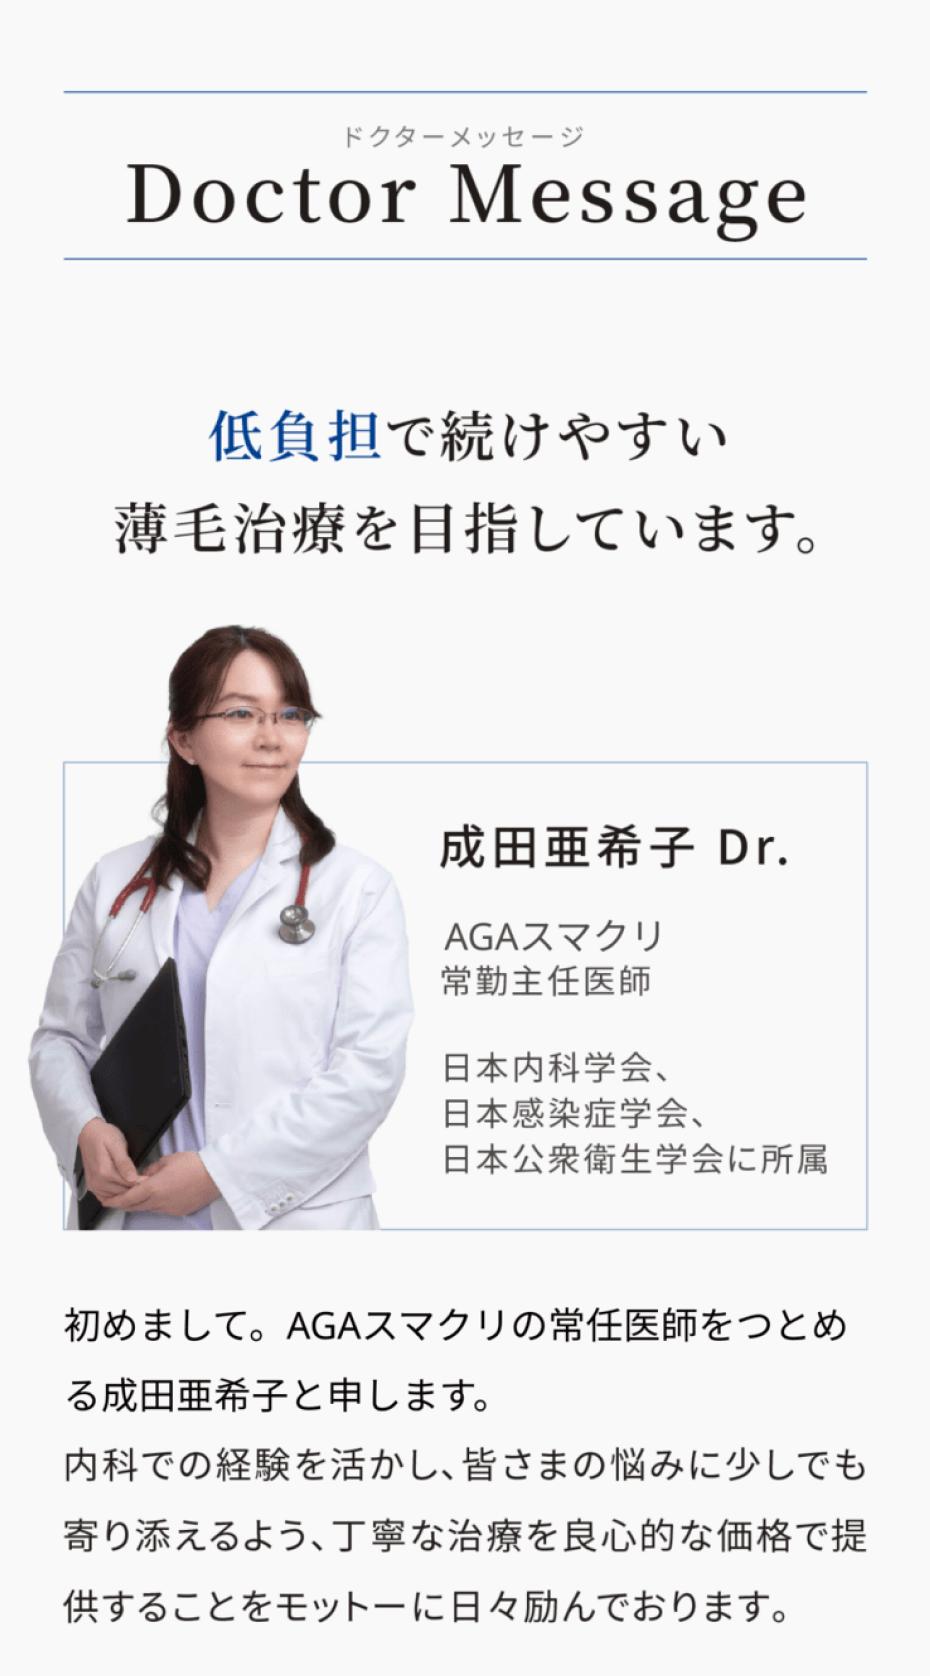 初月無料・翌月から毎月4980円のオンライン診療対応AGAクリニック「AGAスマクリ」